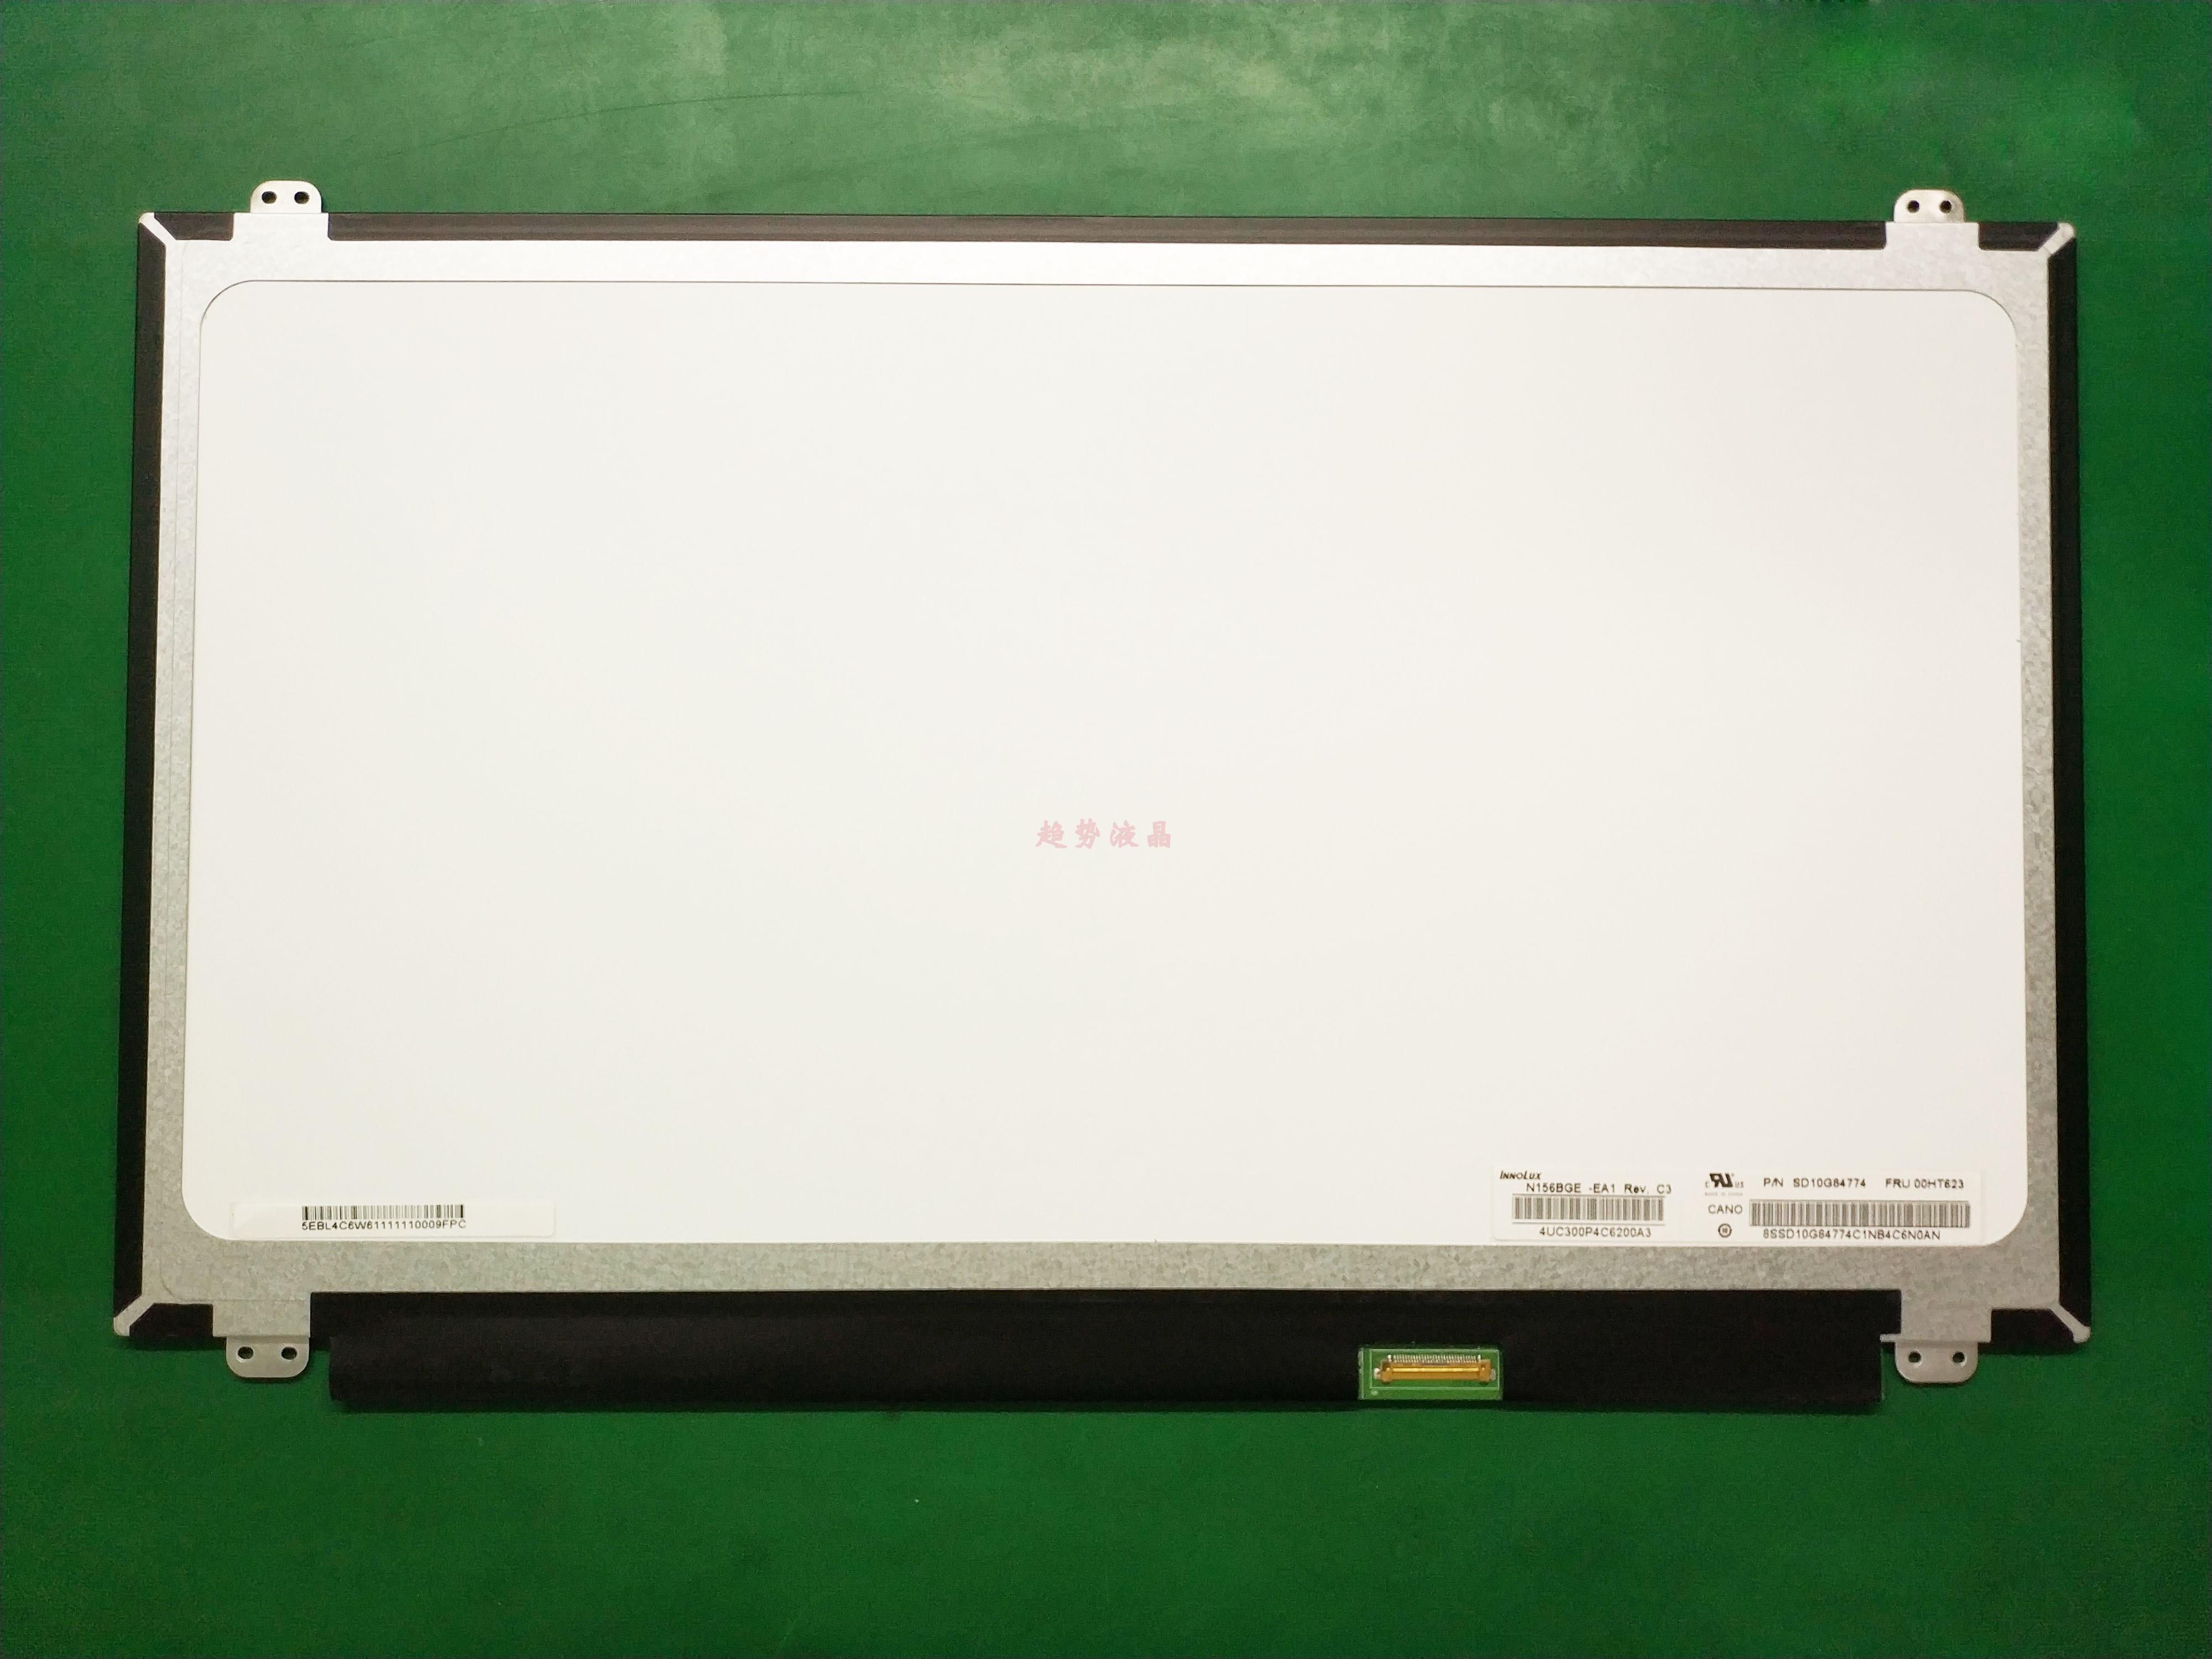 联想 惠普 华硕 神舟 宏基 戴尔 三星 15.6寸笔记本IPS屏幕显示屏